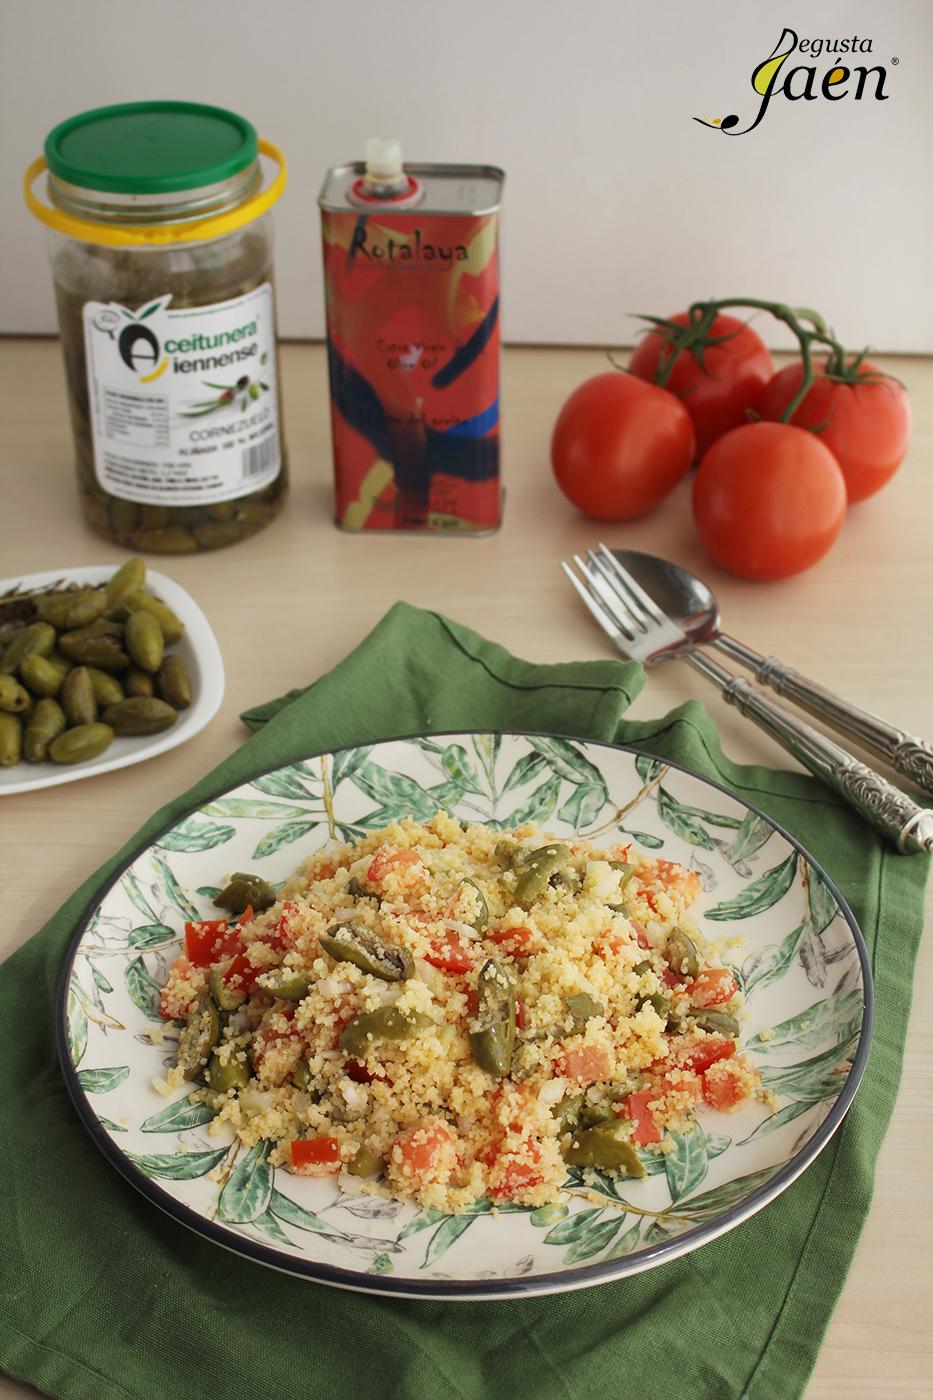 Ensalada de cous cous con aceitunas cornezuelo Degusta Jaen (2)